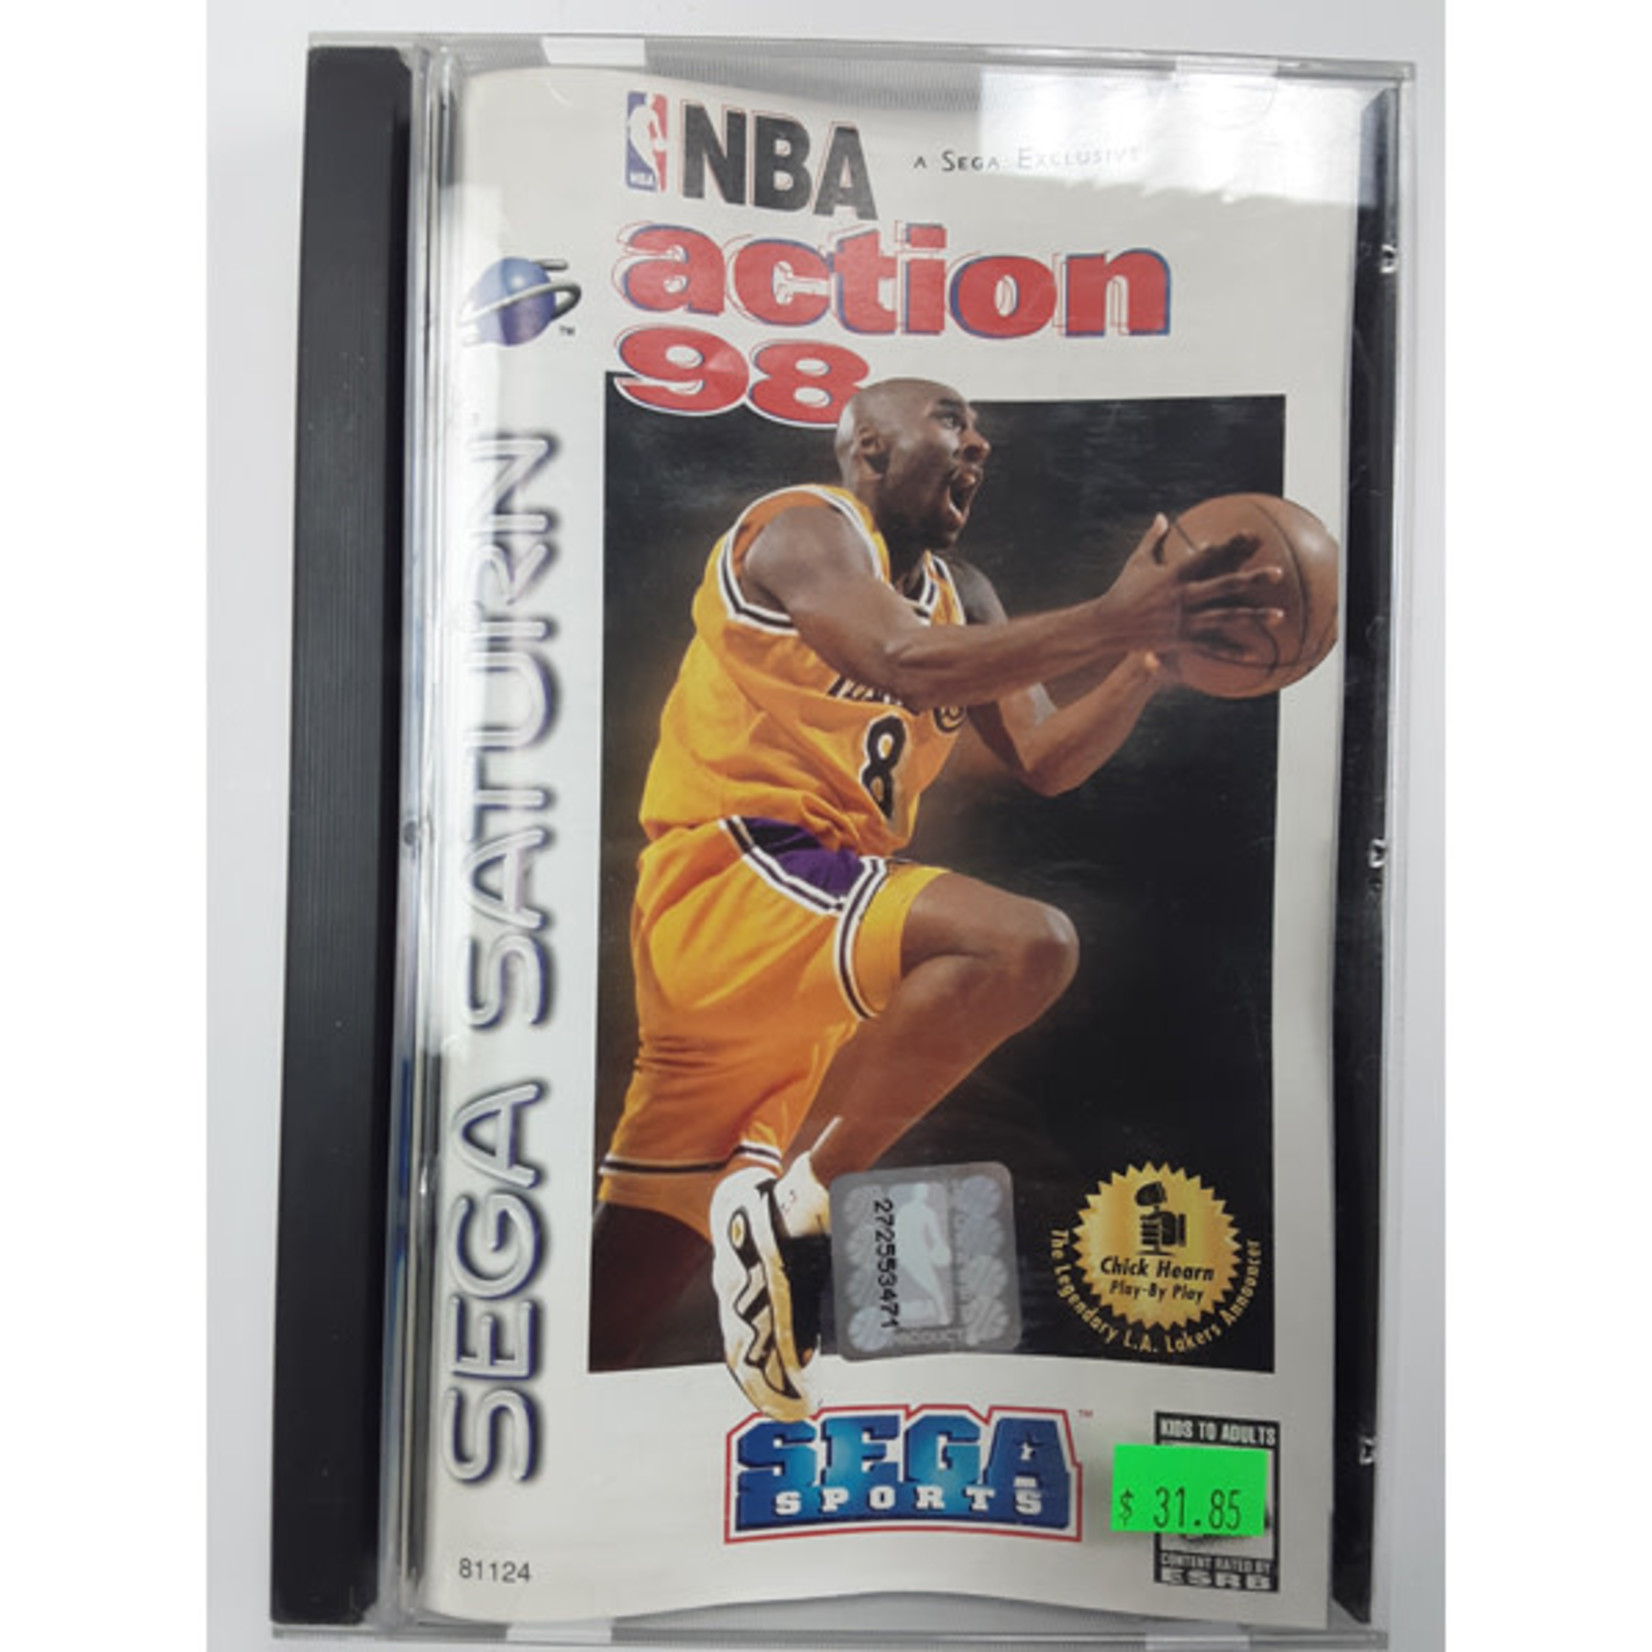 SSu-NBA Action 98